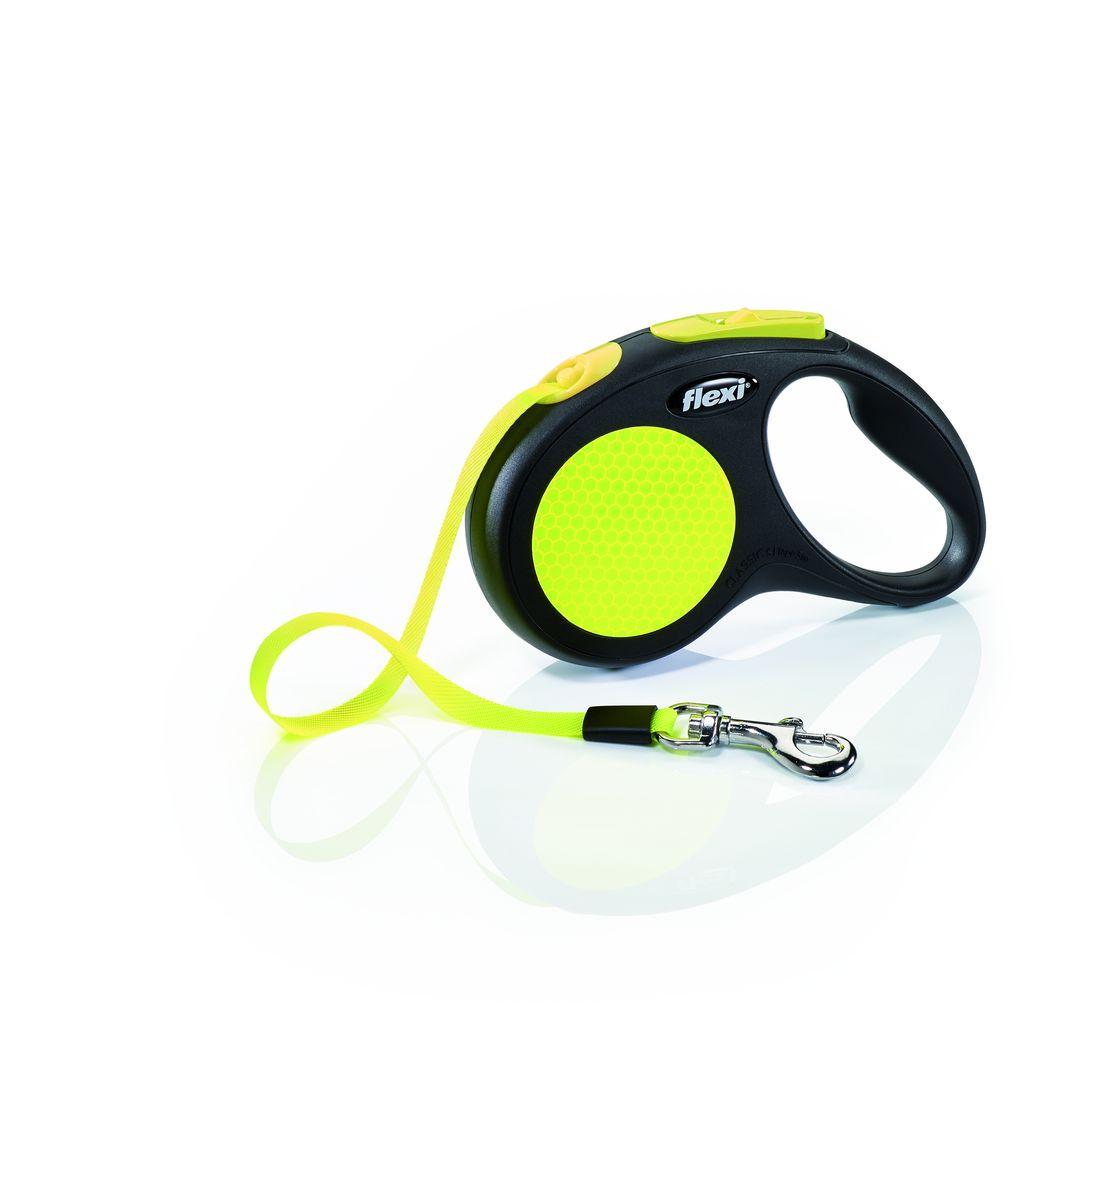 Поводок-рулетка Flexi Neon New Classic S, лента, для собак весом до 15 кг, 5 м поводок рулетка freego гепард для собак до 12 кг размер s цвет бежевый коричневый 3 м